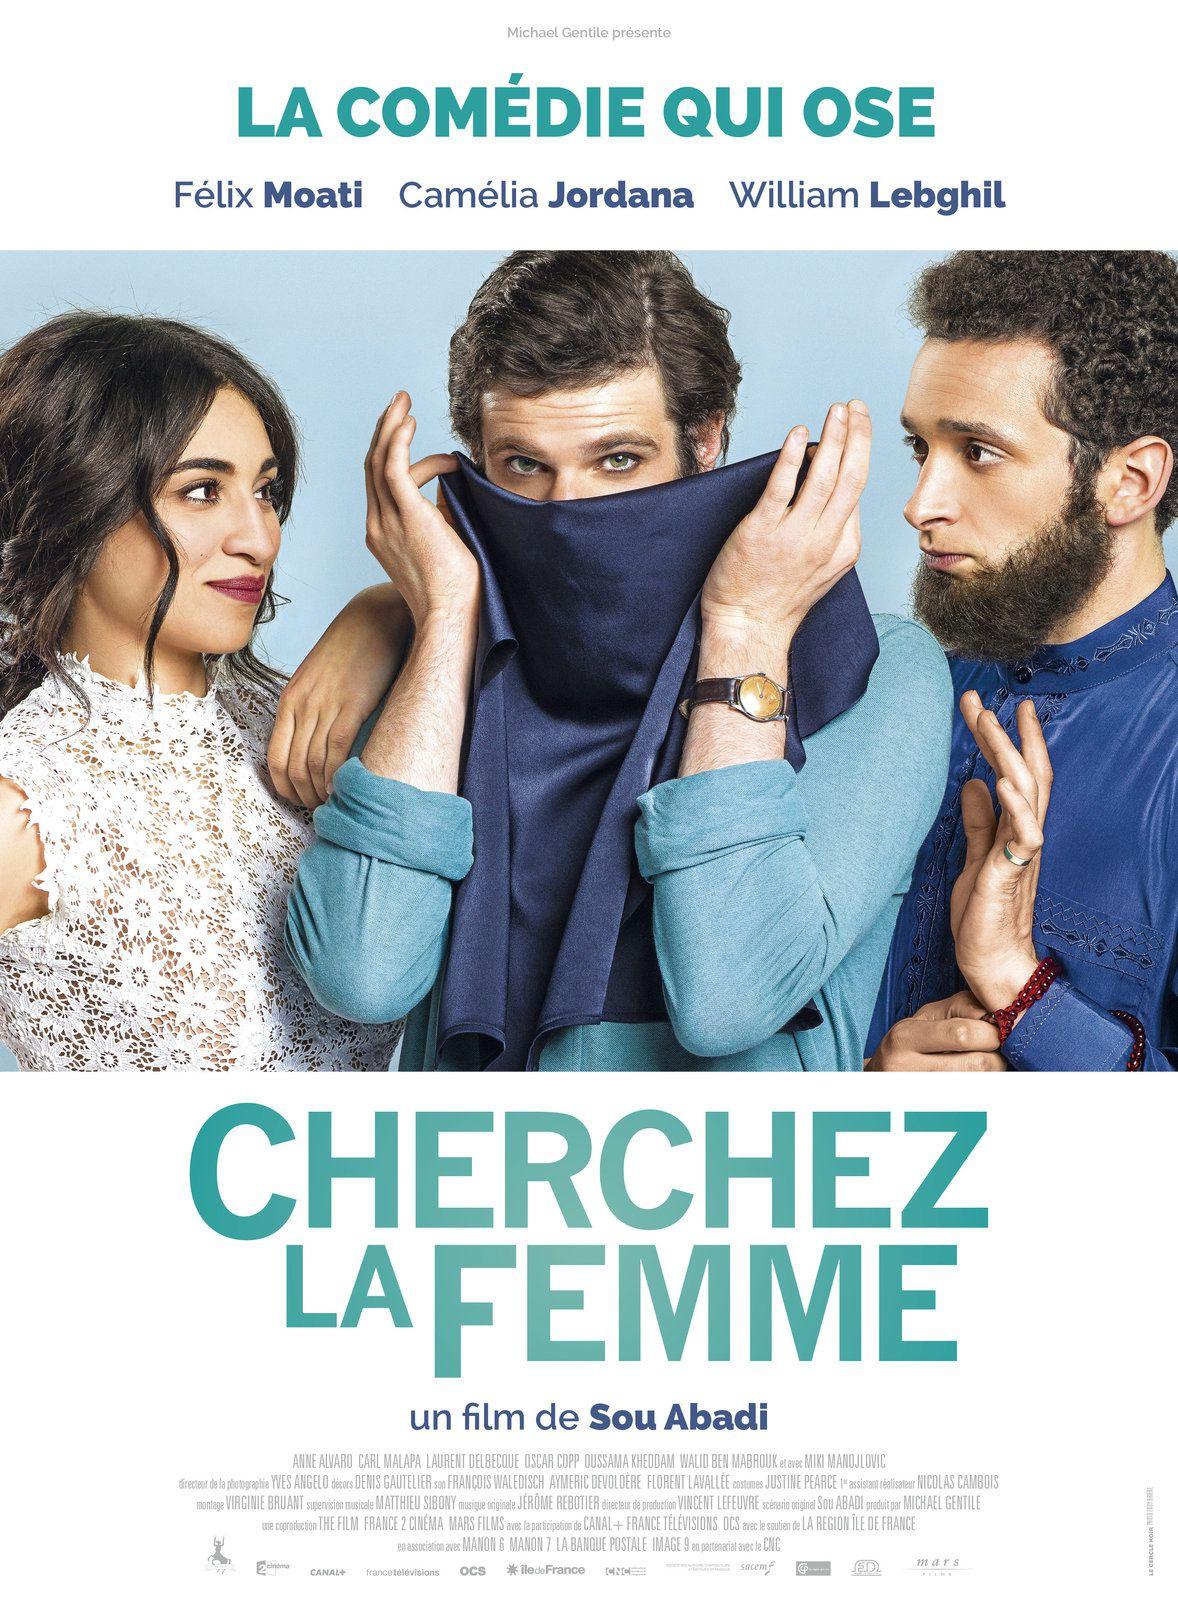 CHERCHEZ LA FEMME (BANDE ANNONCE) avec Camélia Jordana, Félix Moati, William Lebghil - Sortie le 28 juin 2017 au cinéma